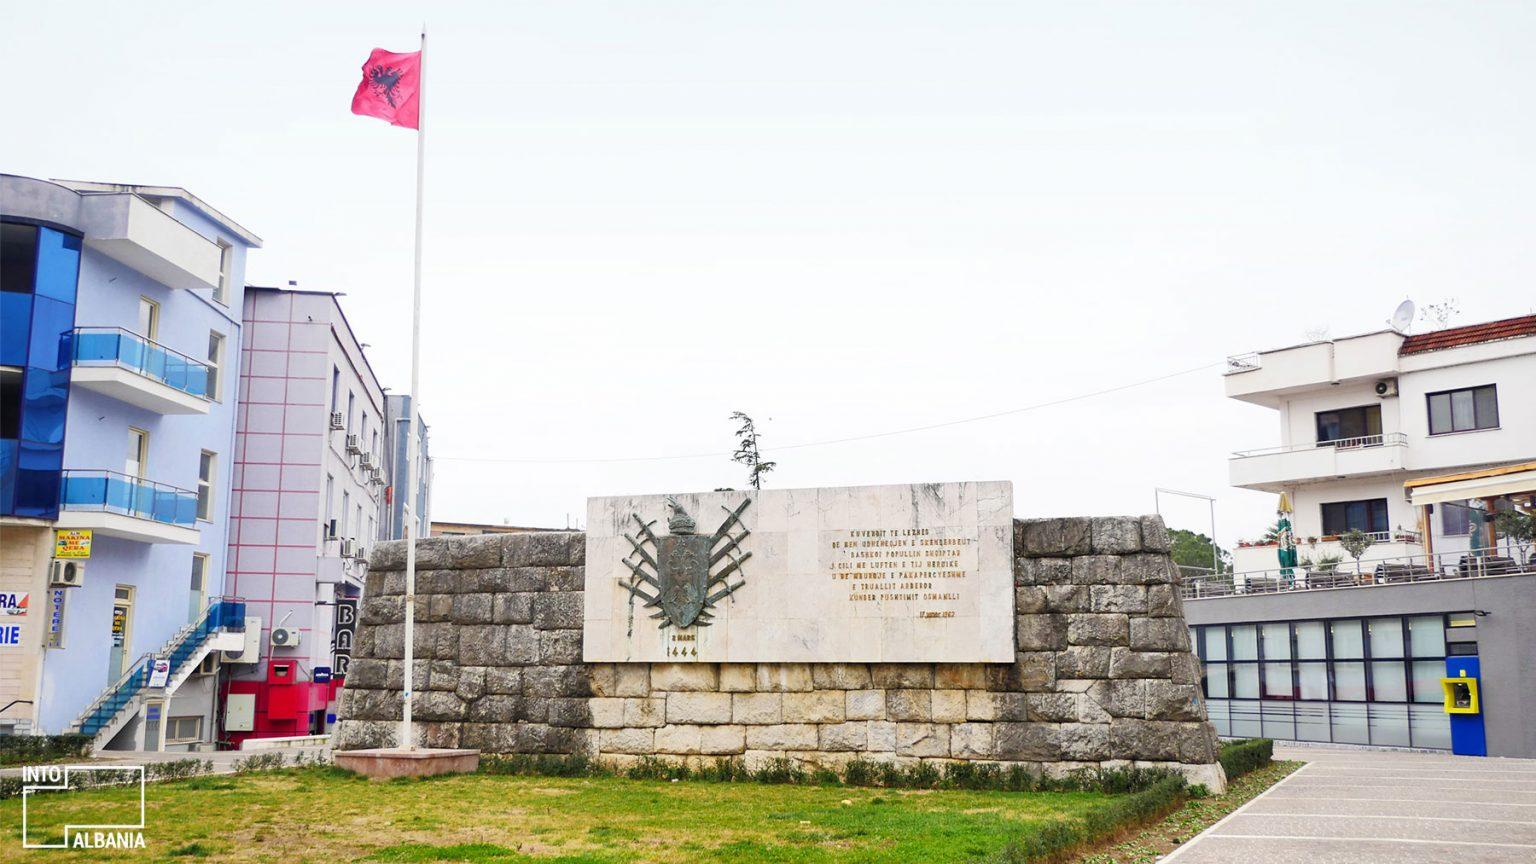 Obelisku i Besëlidhjes në Lezhë, foto nga IntoAlbania